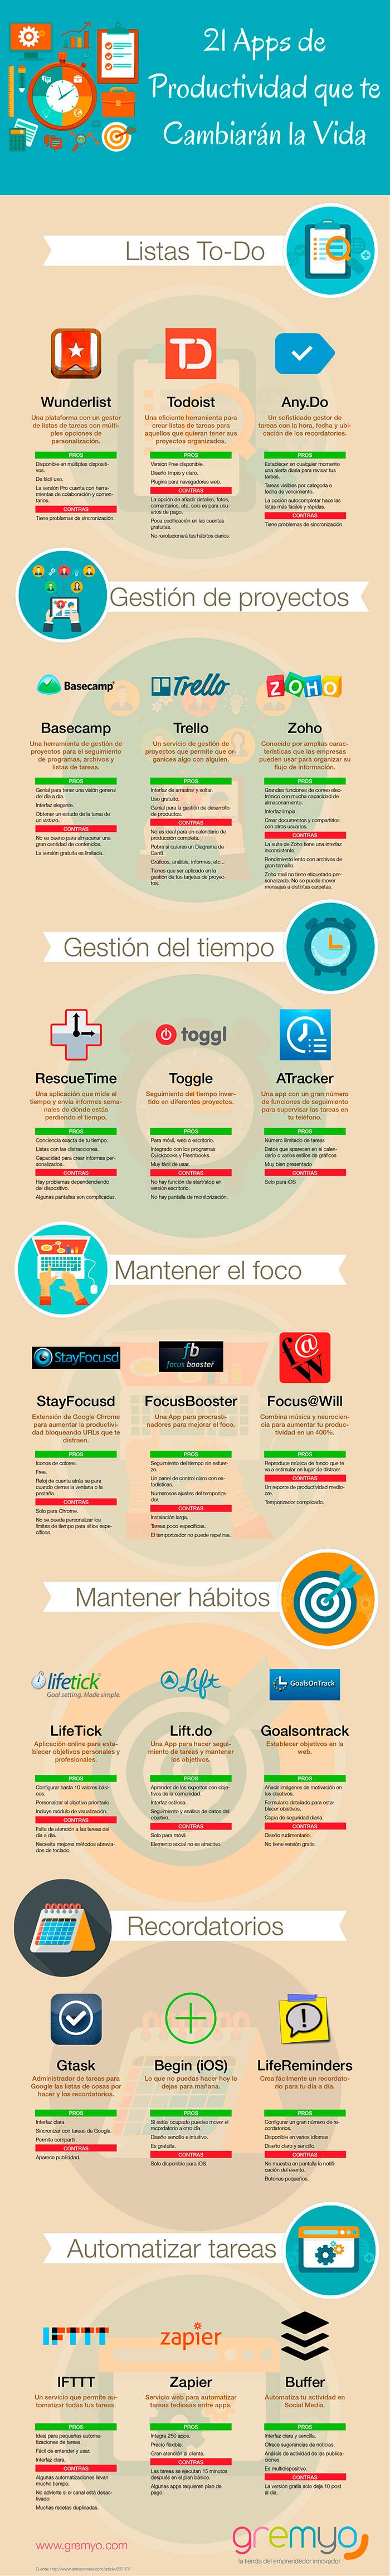 Infografia sobre las 21 aplicaciones para ser mas productivos